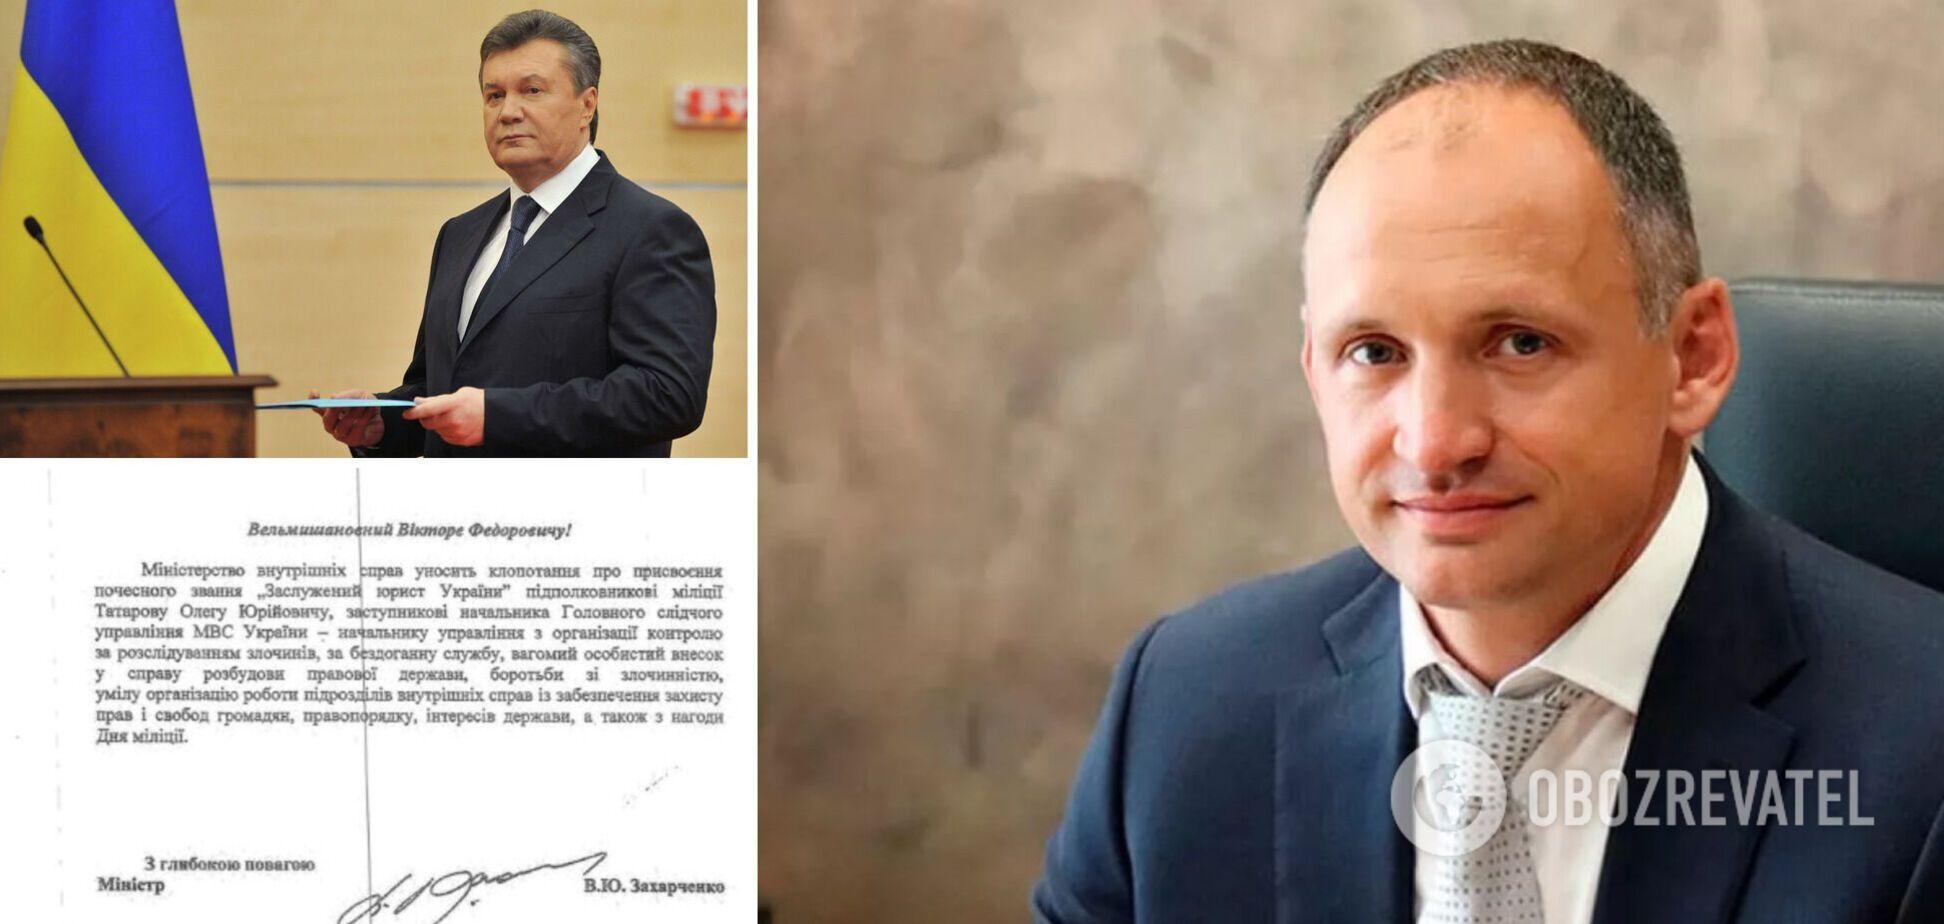 Татаров оказался заслуженным: журналисты выяснили, как Янукович оценил правоохранительную деятельность милиционера. Документ